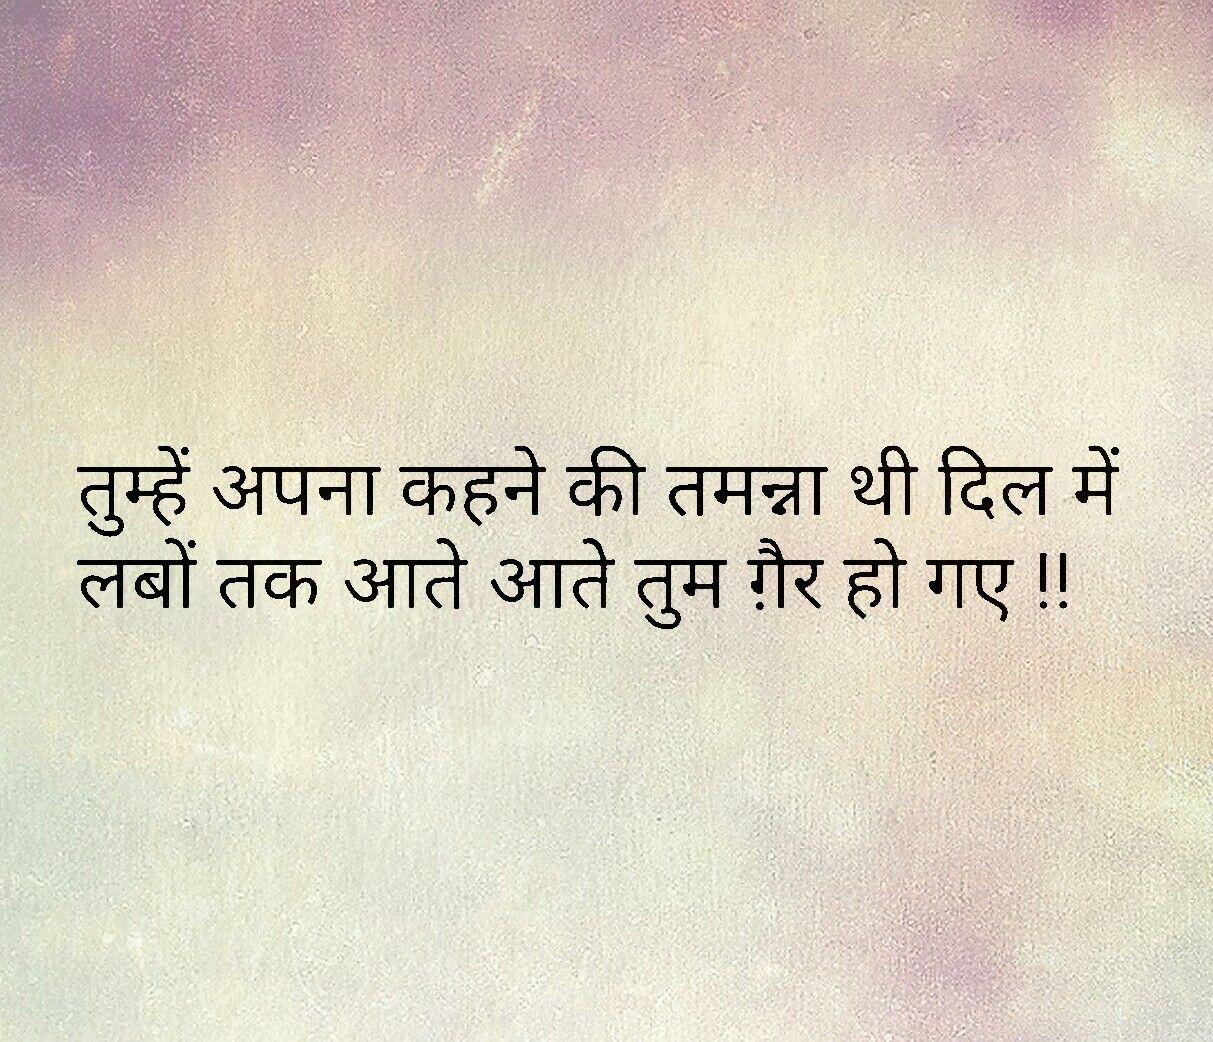 Pin by Choudhary Harish on काव्य / शायरी | Indian quotes, Hindi shayari  love, Two line shayari hindi